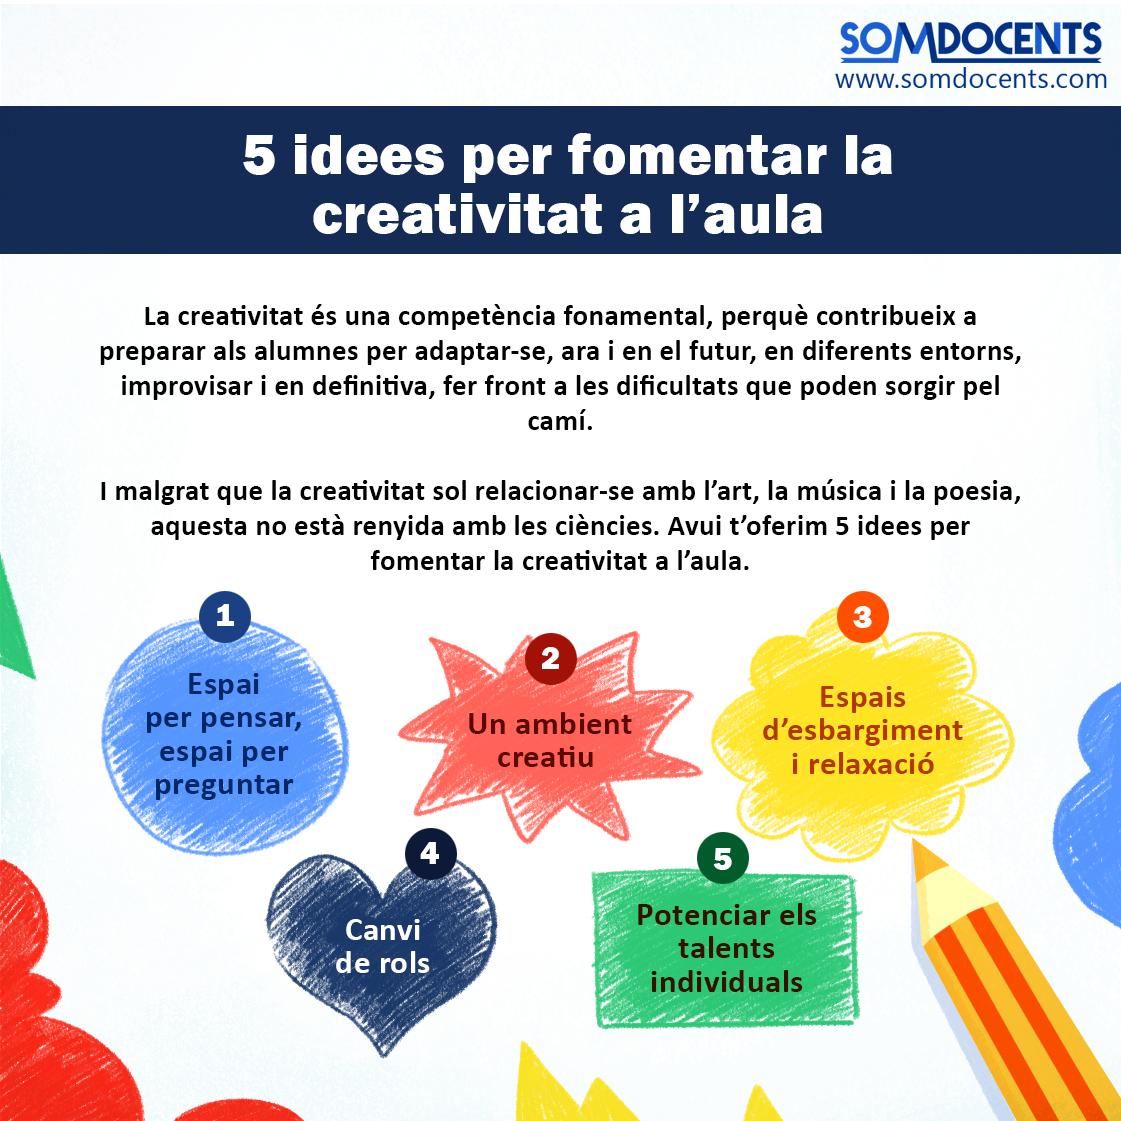 somdocents-5-idees-per-fomentar-la-creativitat a l'aula